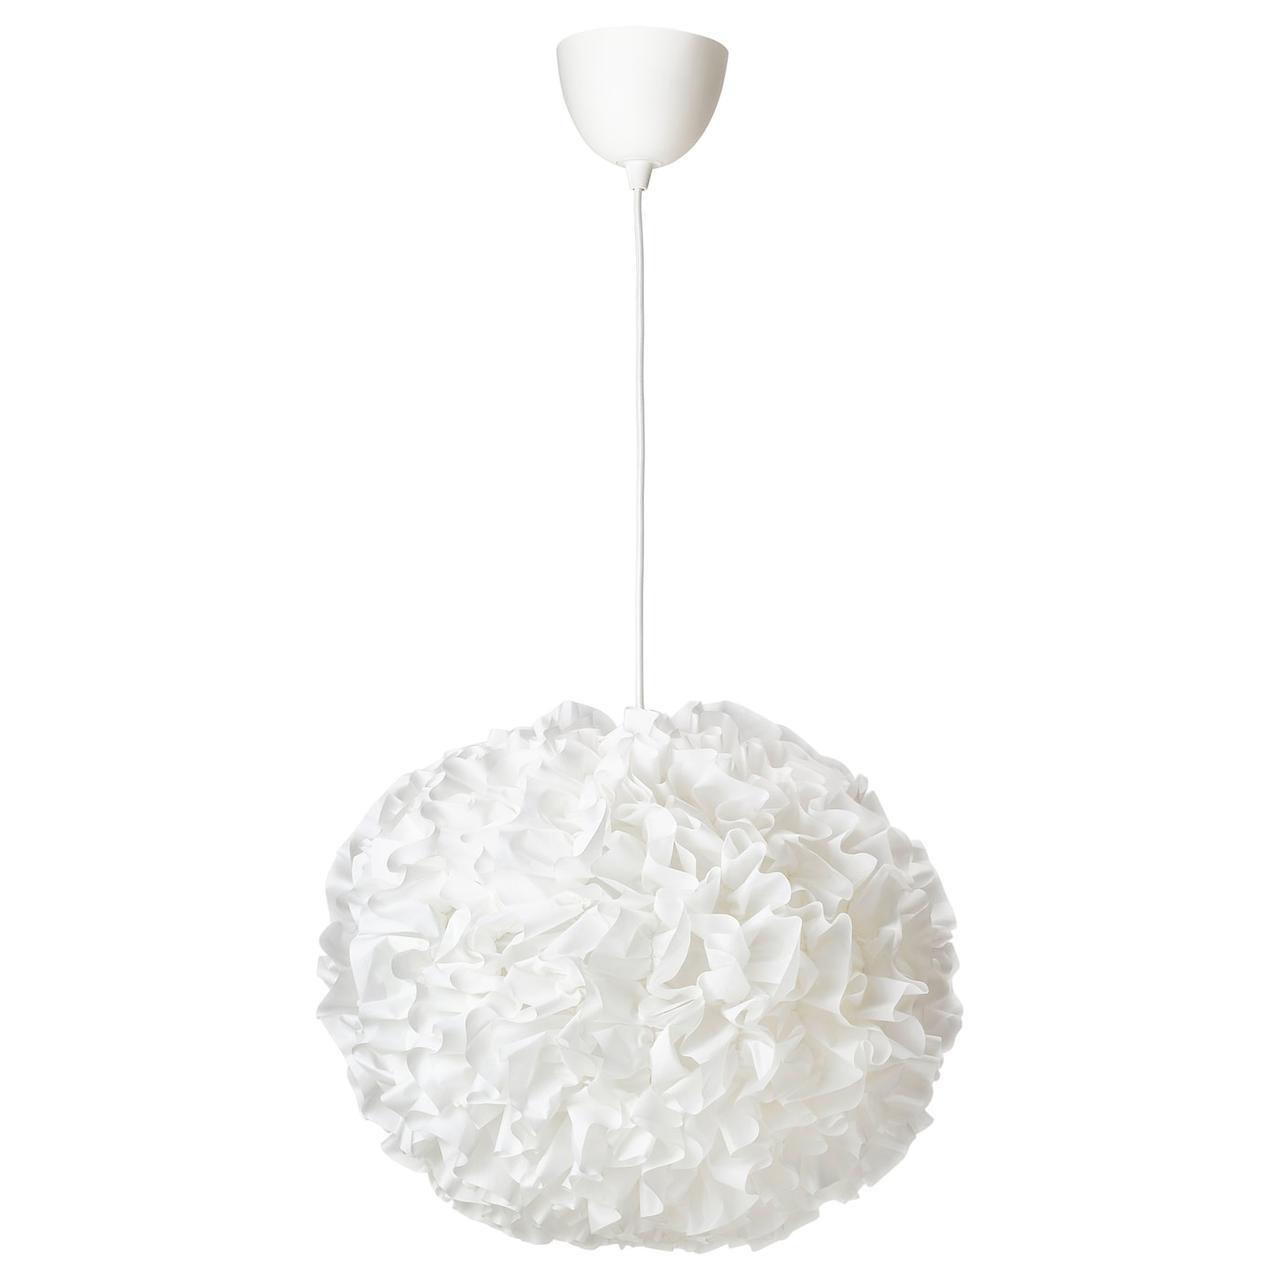 IKEA VINDKAST Підвісний світильник 50 см